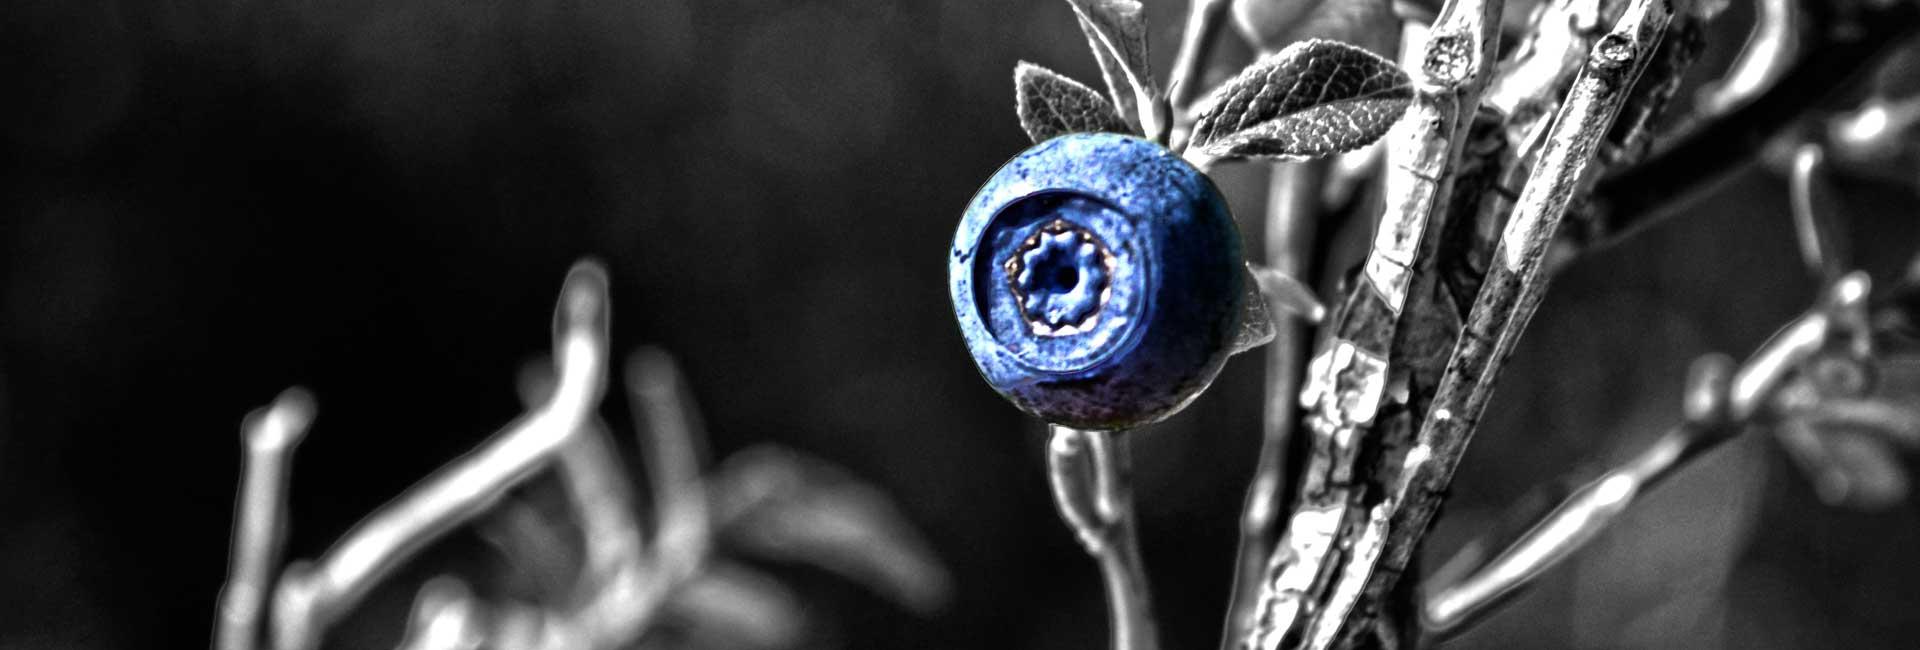 <strong>Blåbär motverkar tarmsjukdomar</strong>